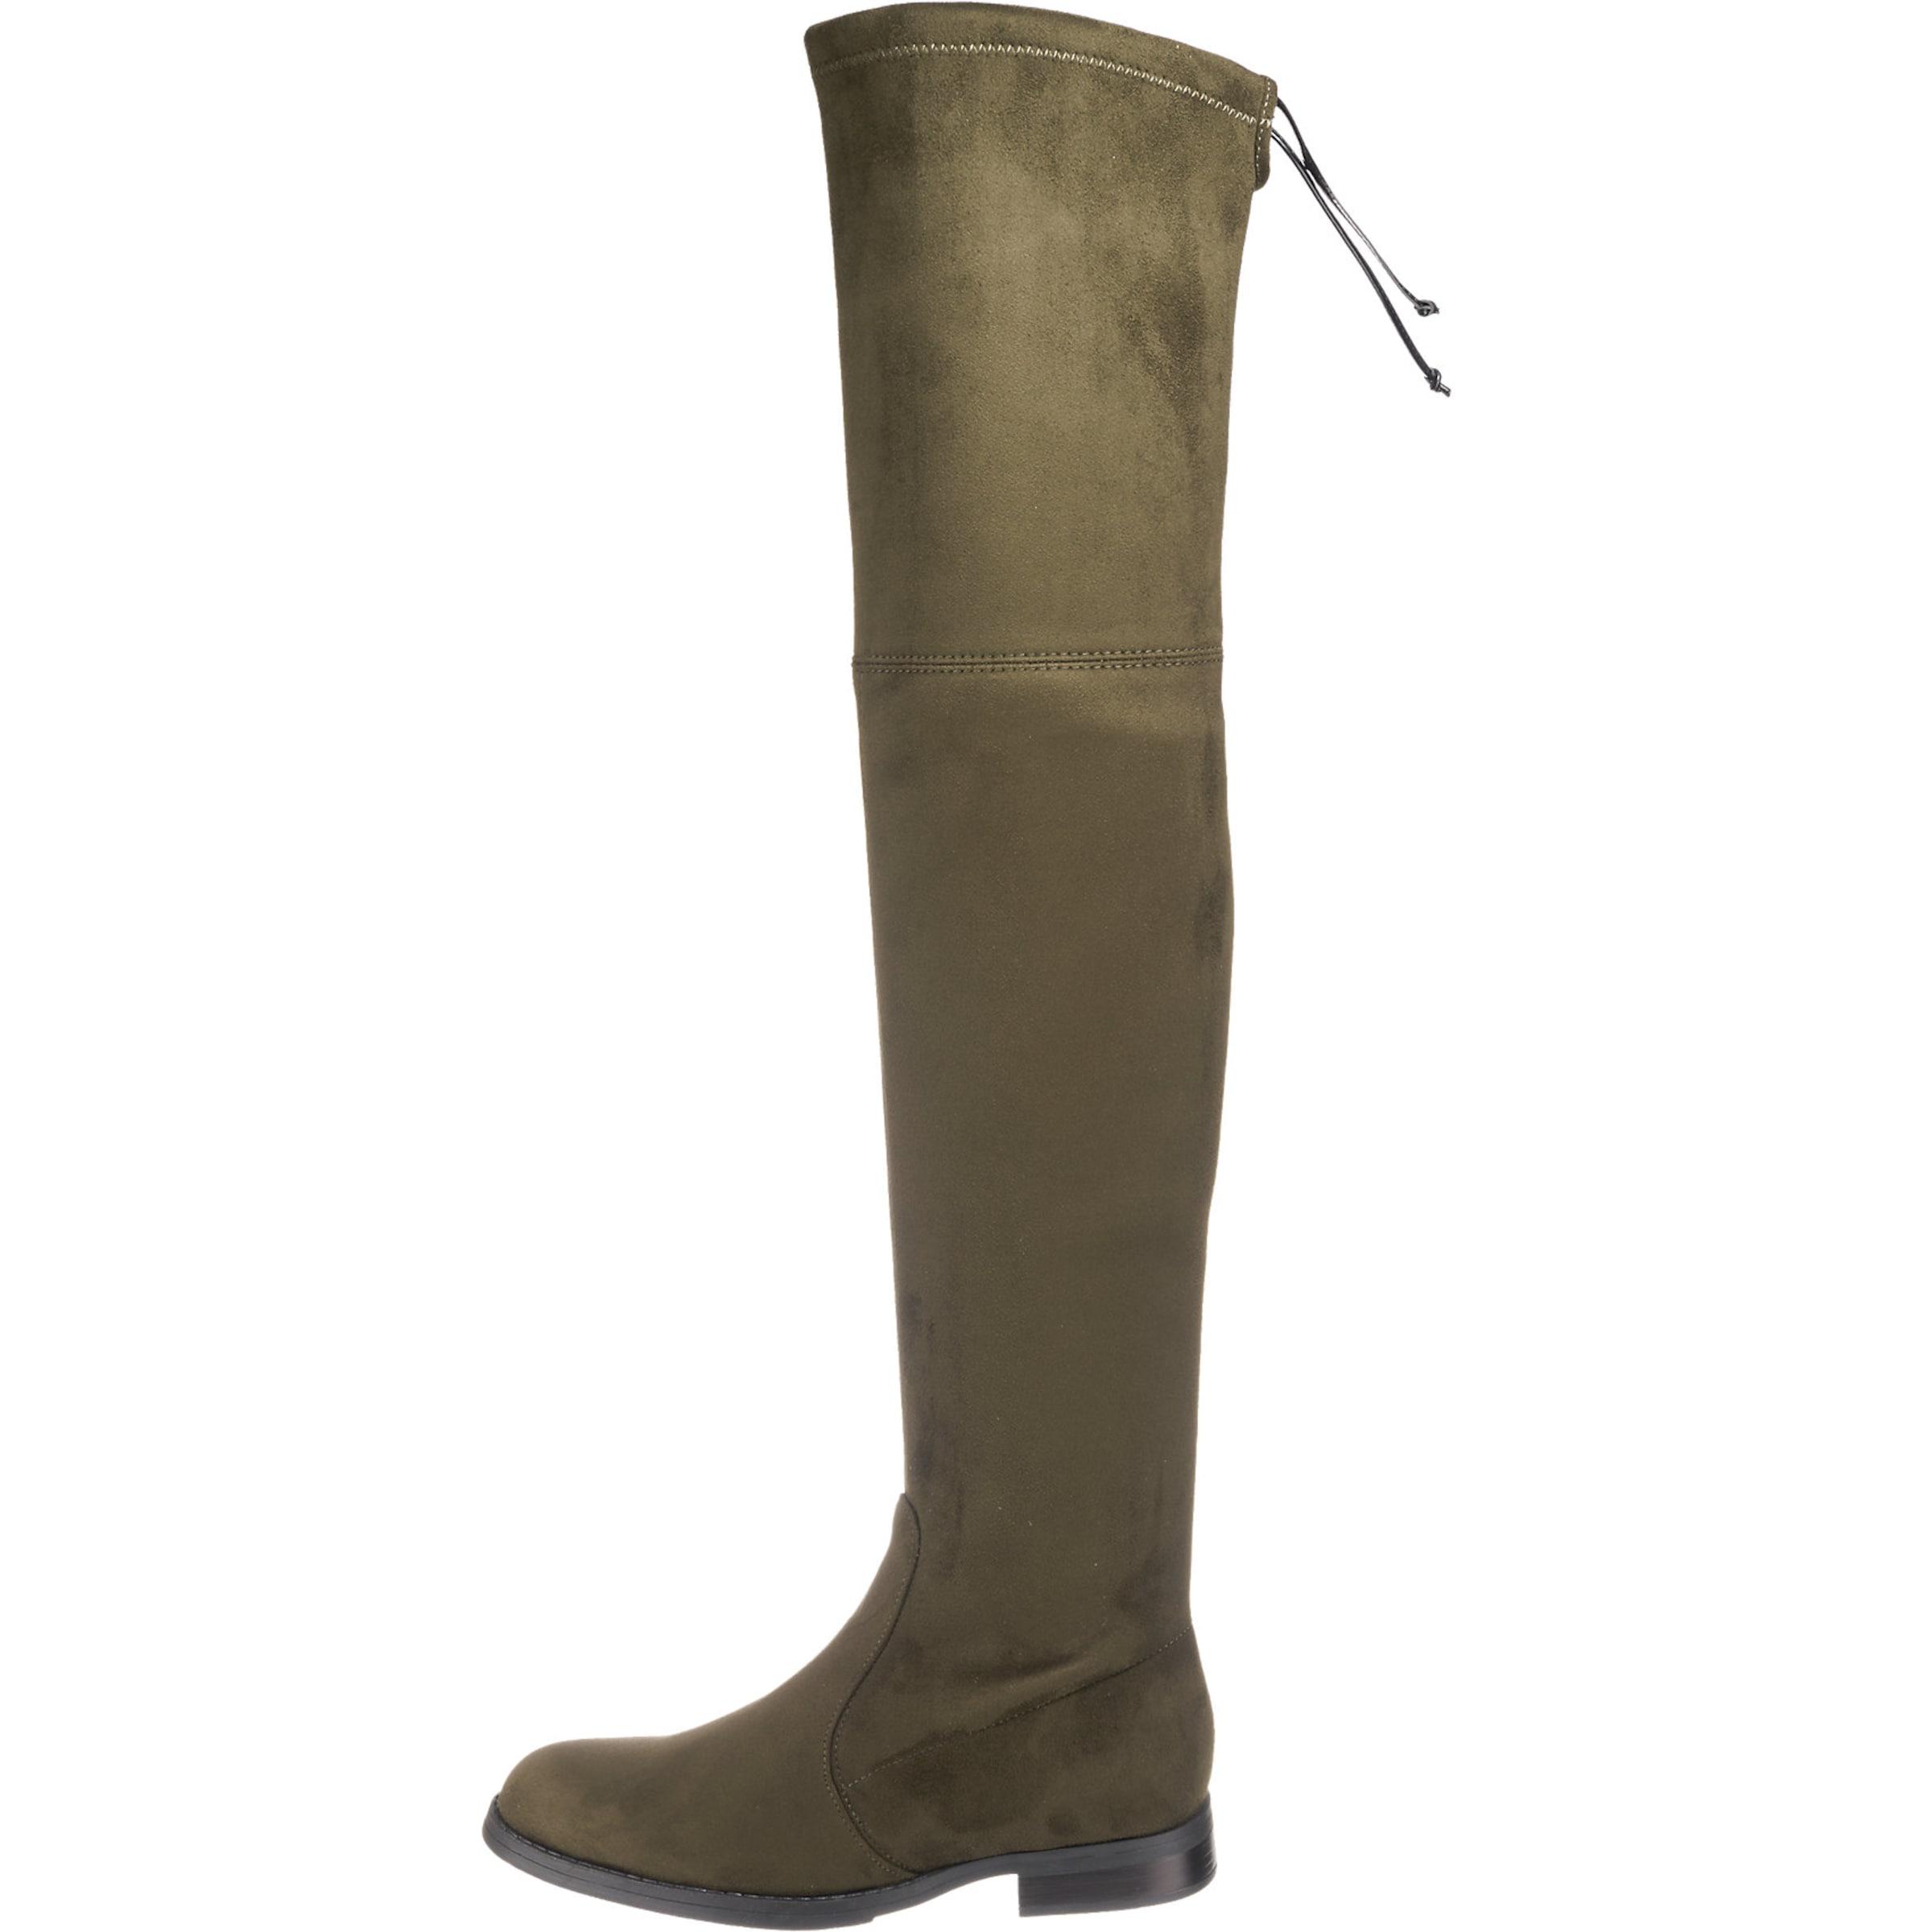 BUFFALO Stiefel Top Qualität 100% Authentisch Rabatt 2018 Neueste H9JhRY6vOC